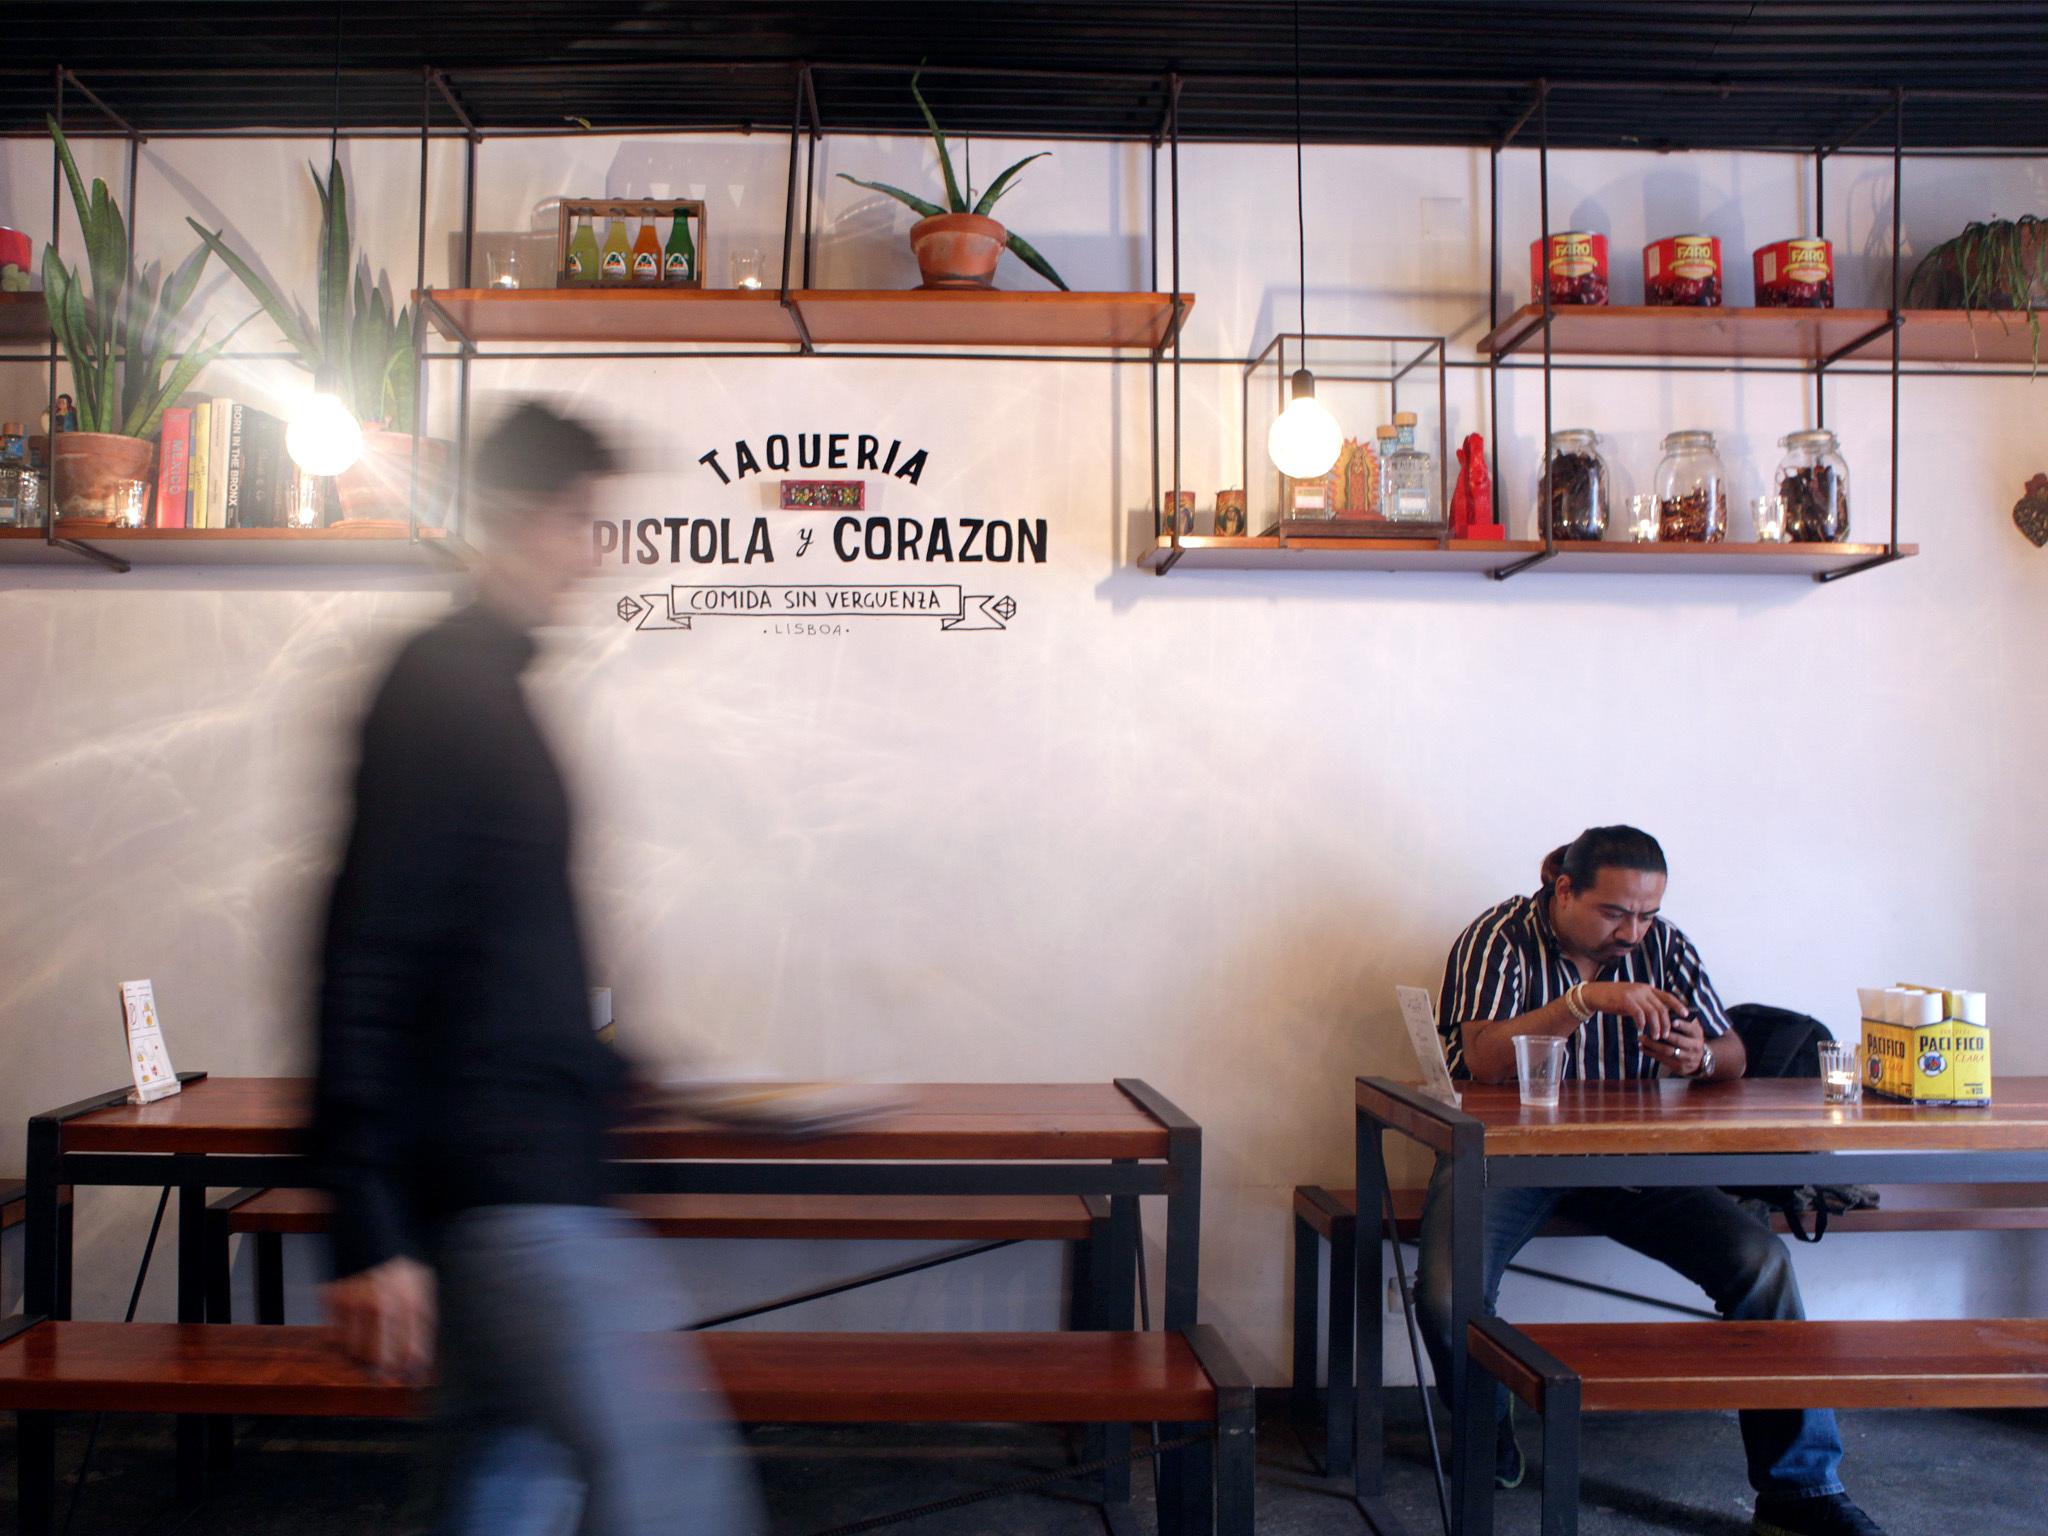 México: Pistola y Corazon